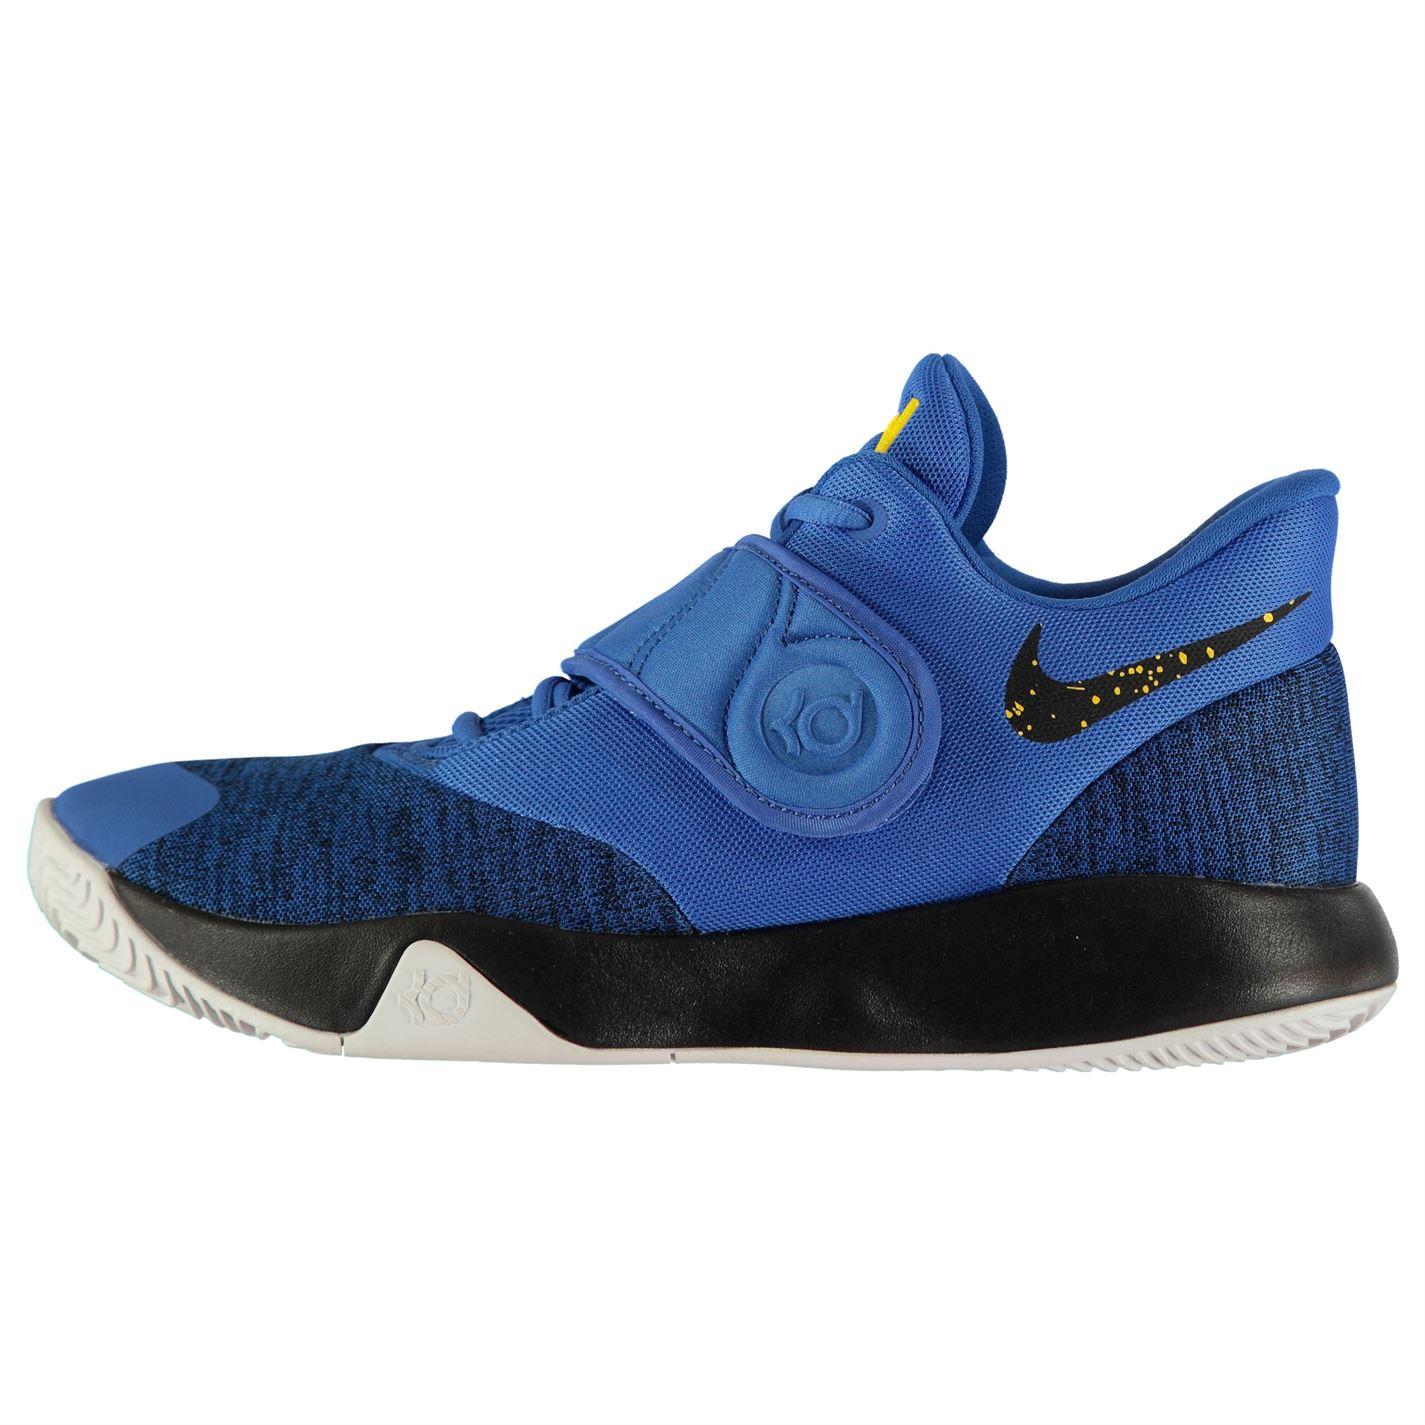 basketbalové boty boty Nike KD Trey 5 pánské Basketball